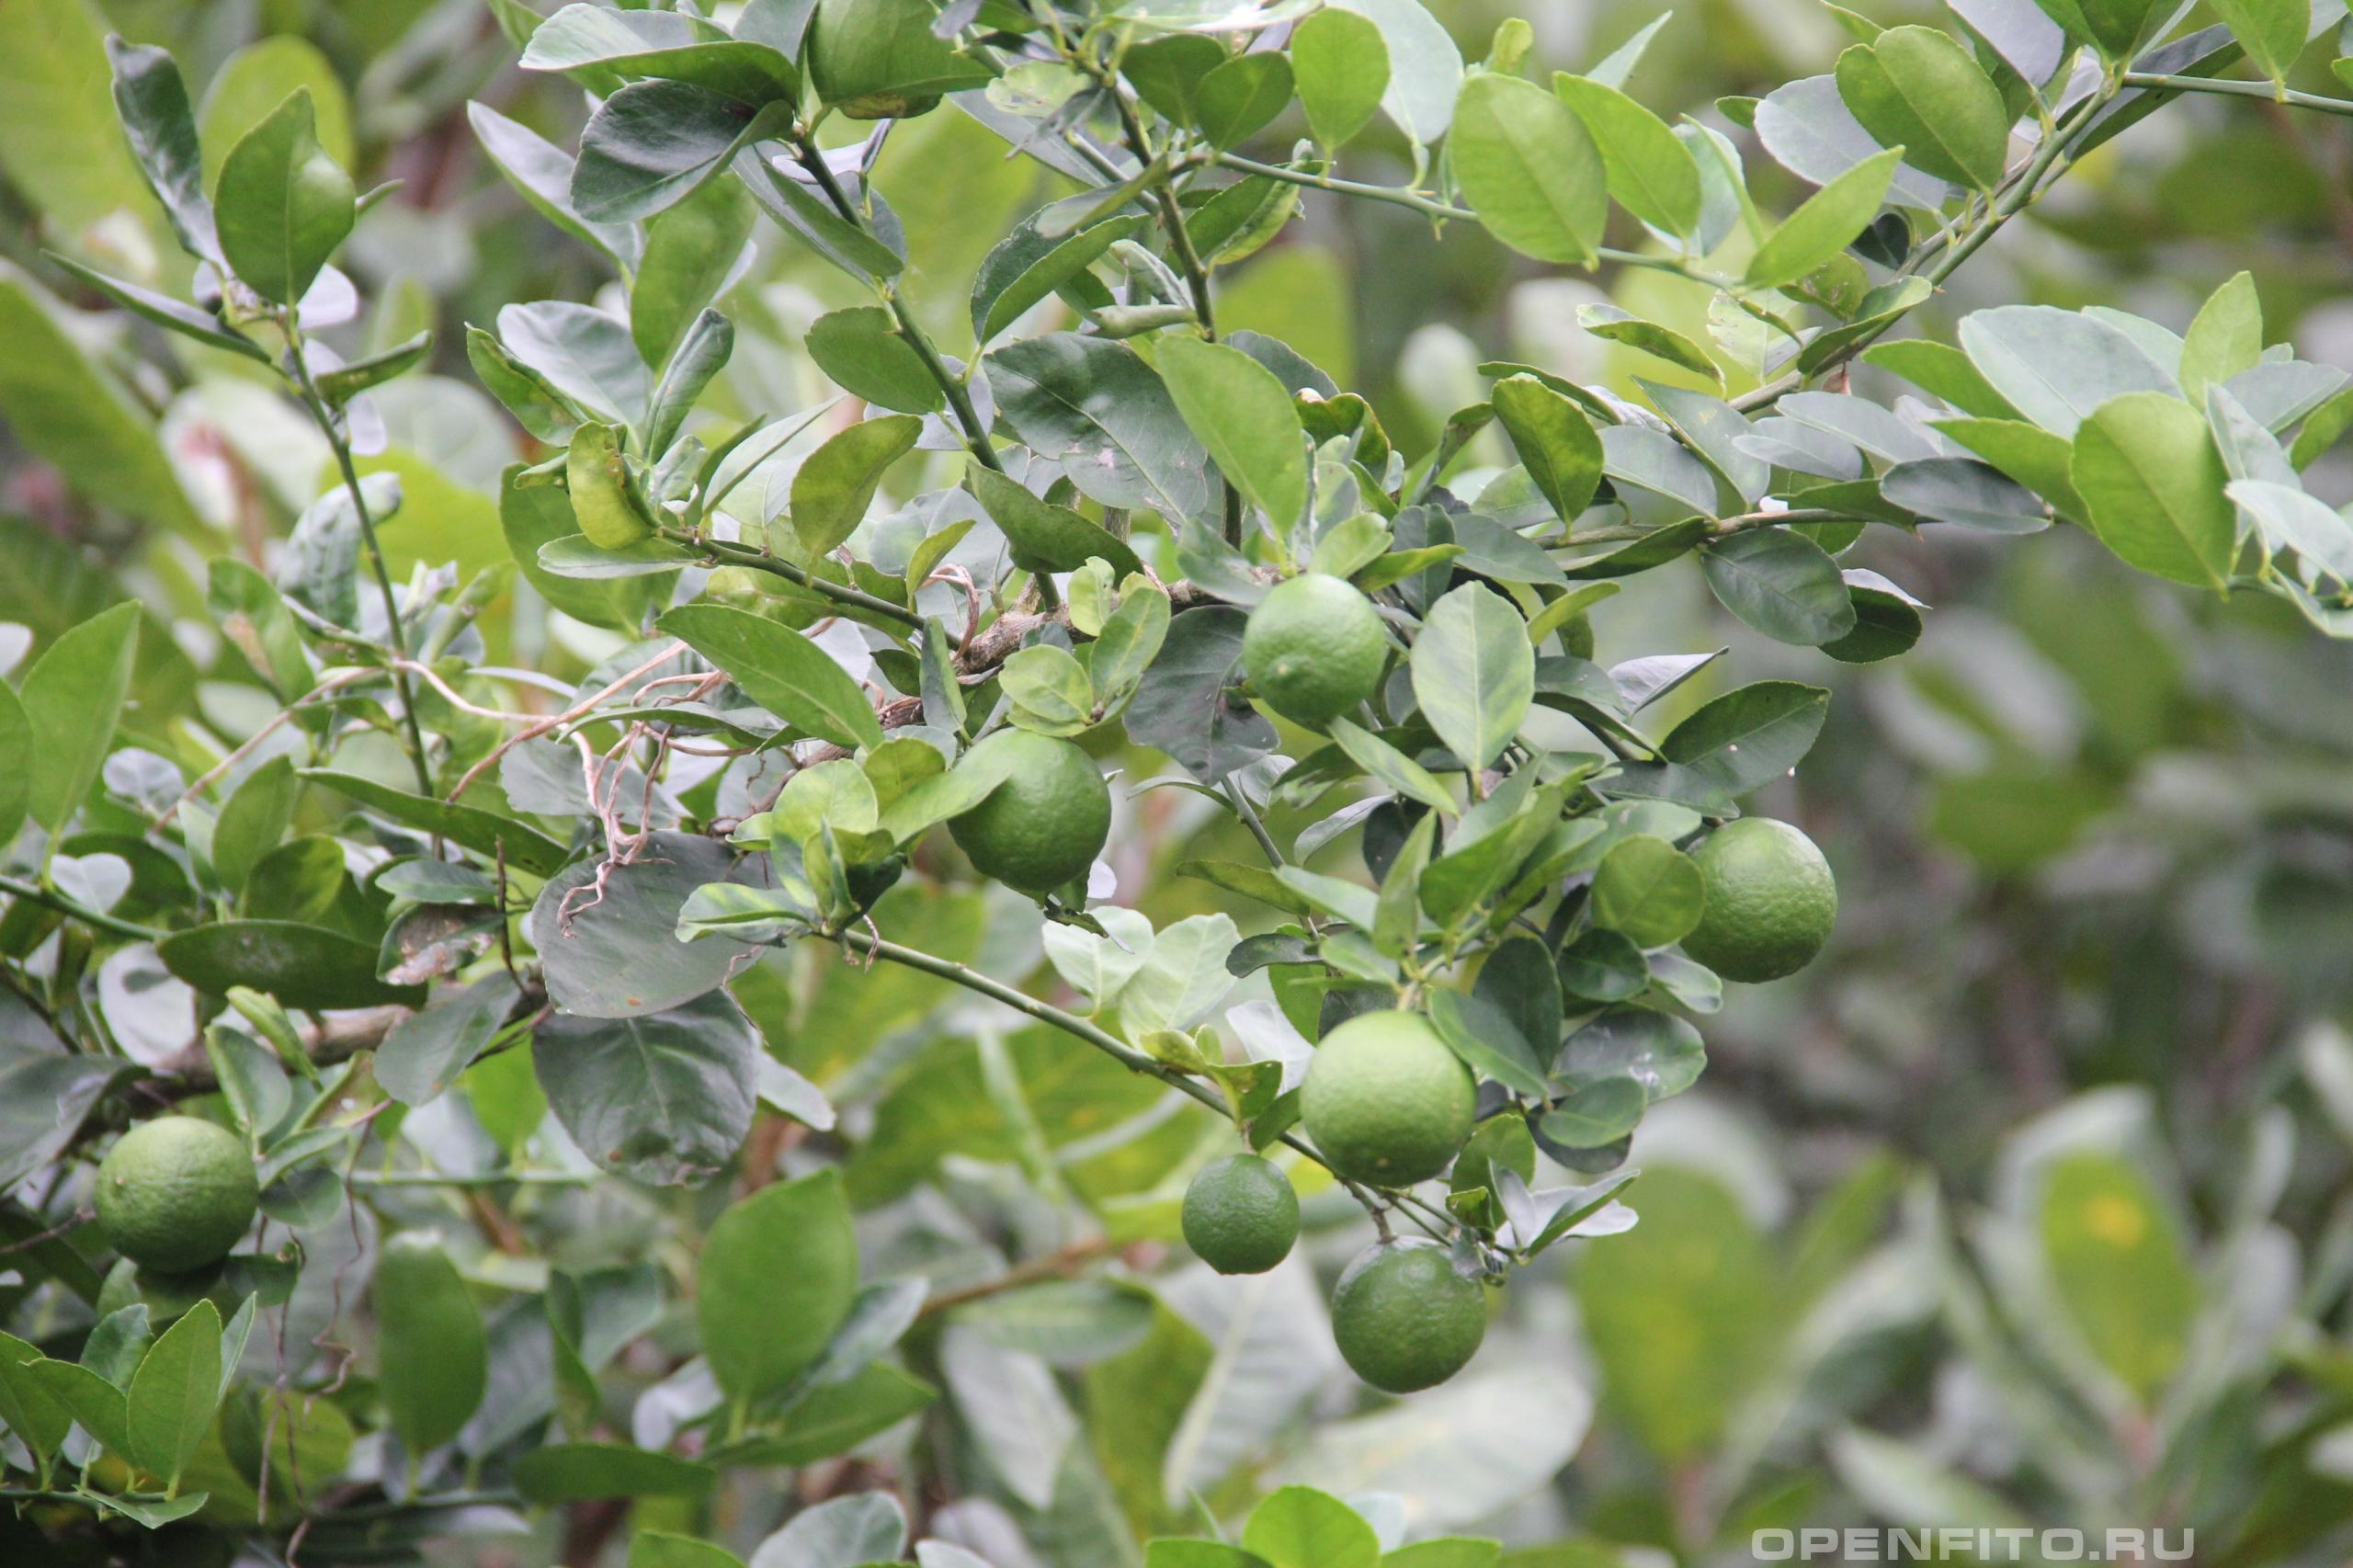 Цитрус лайм веточки с плодами